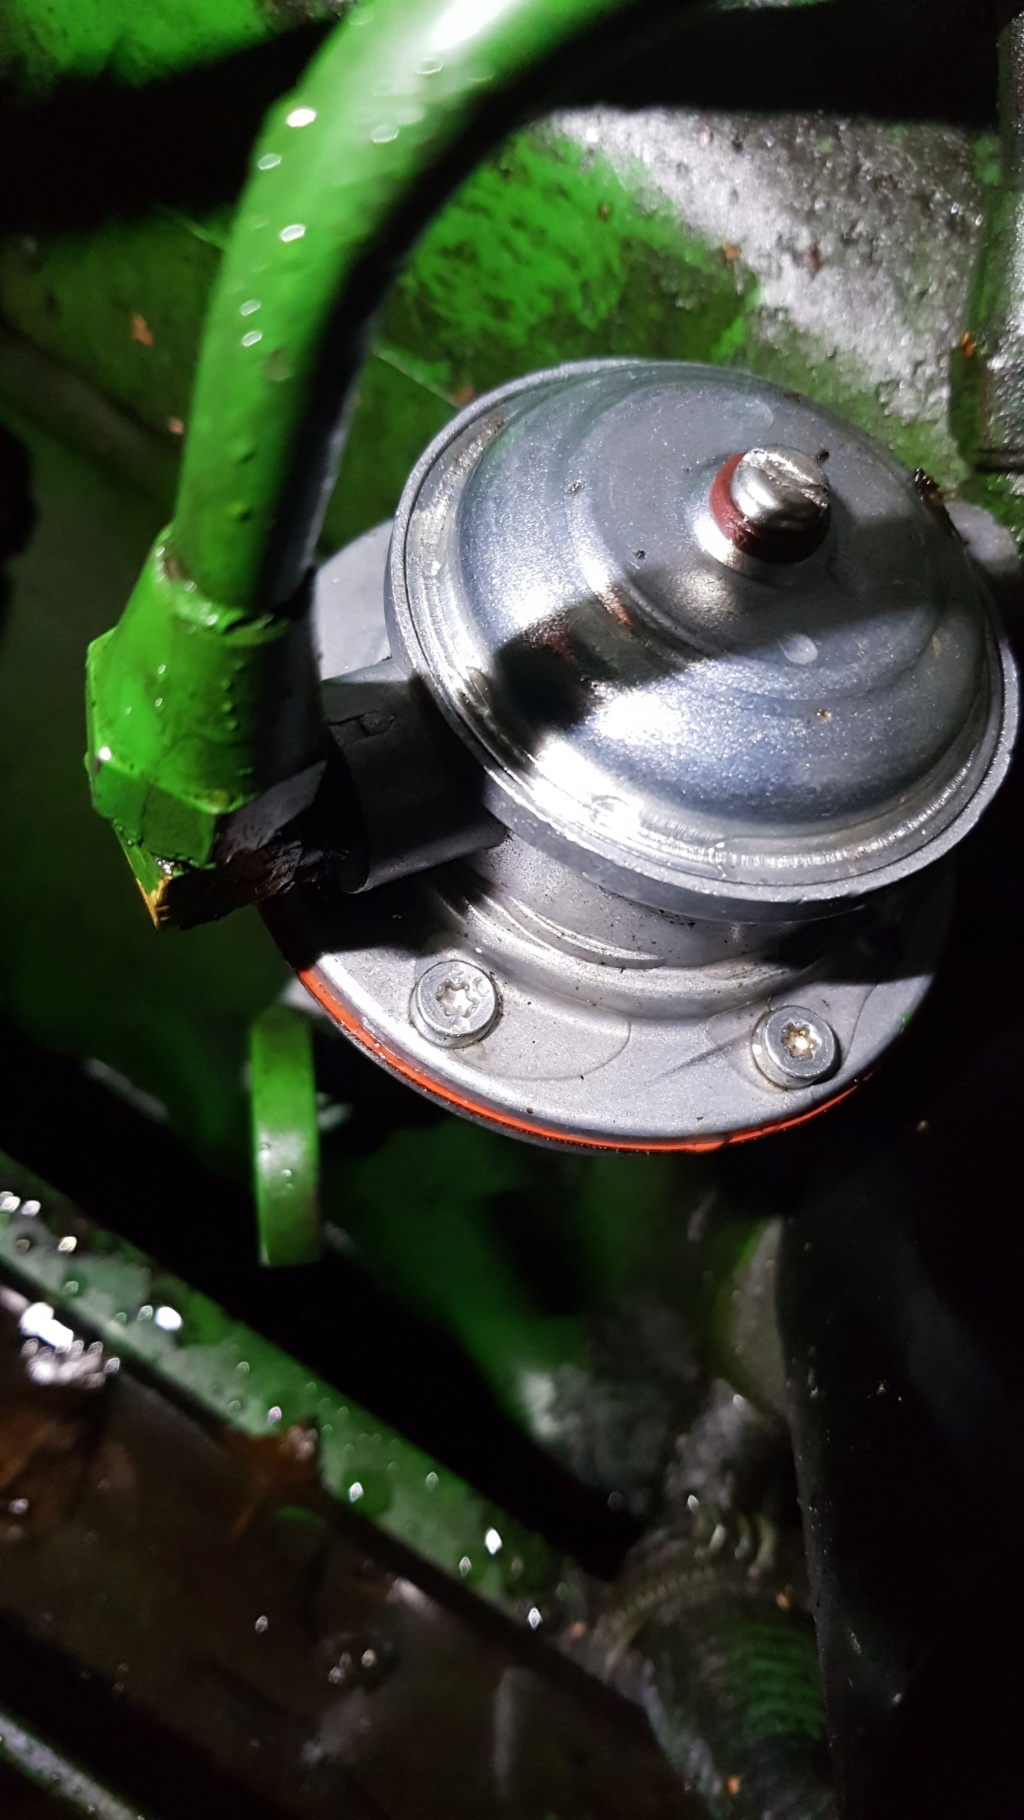 problème gazol dans bloque moteur 20181143